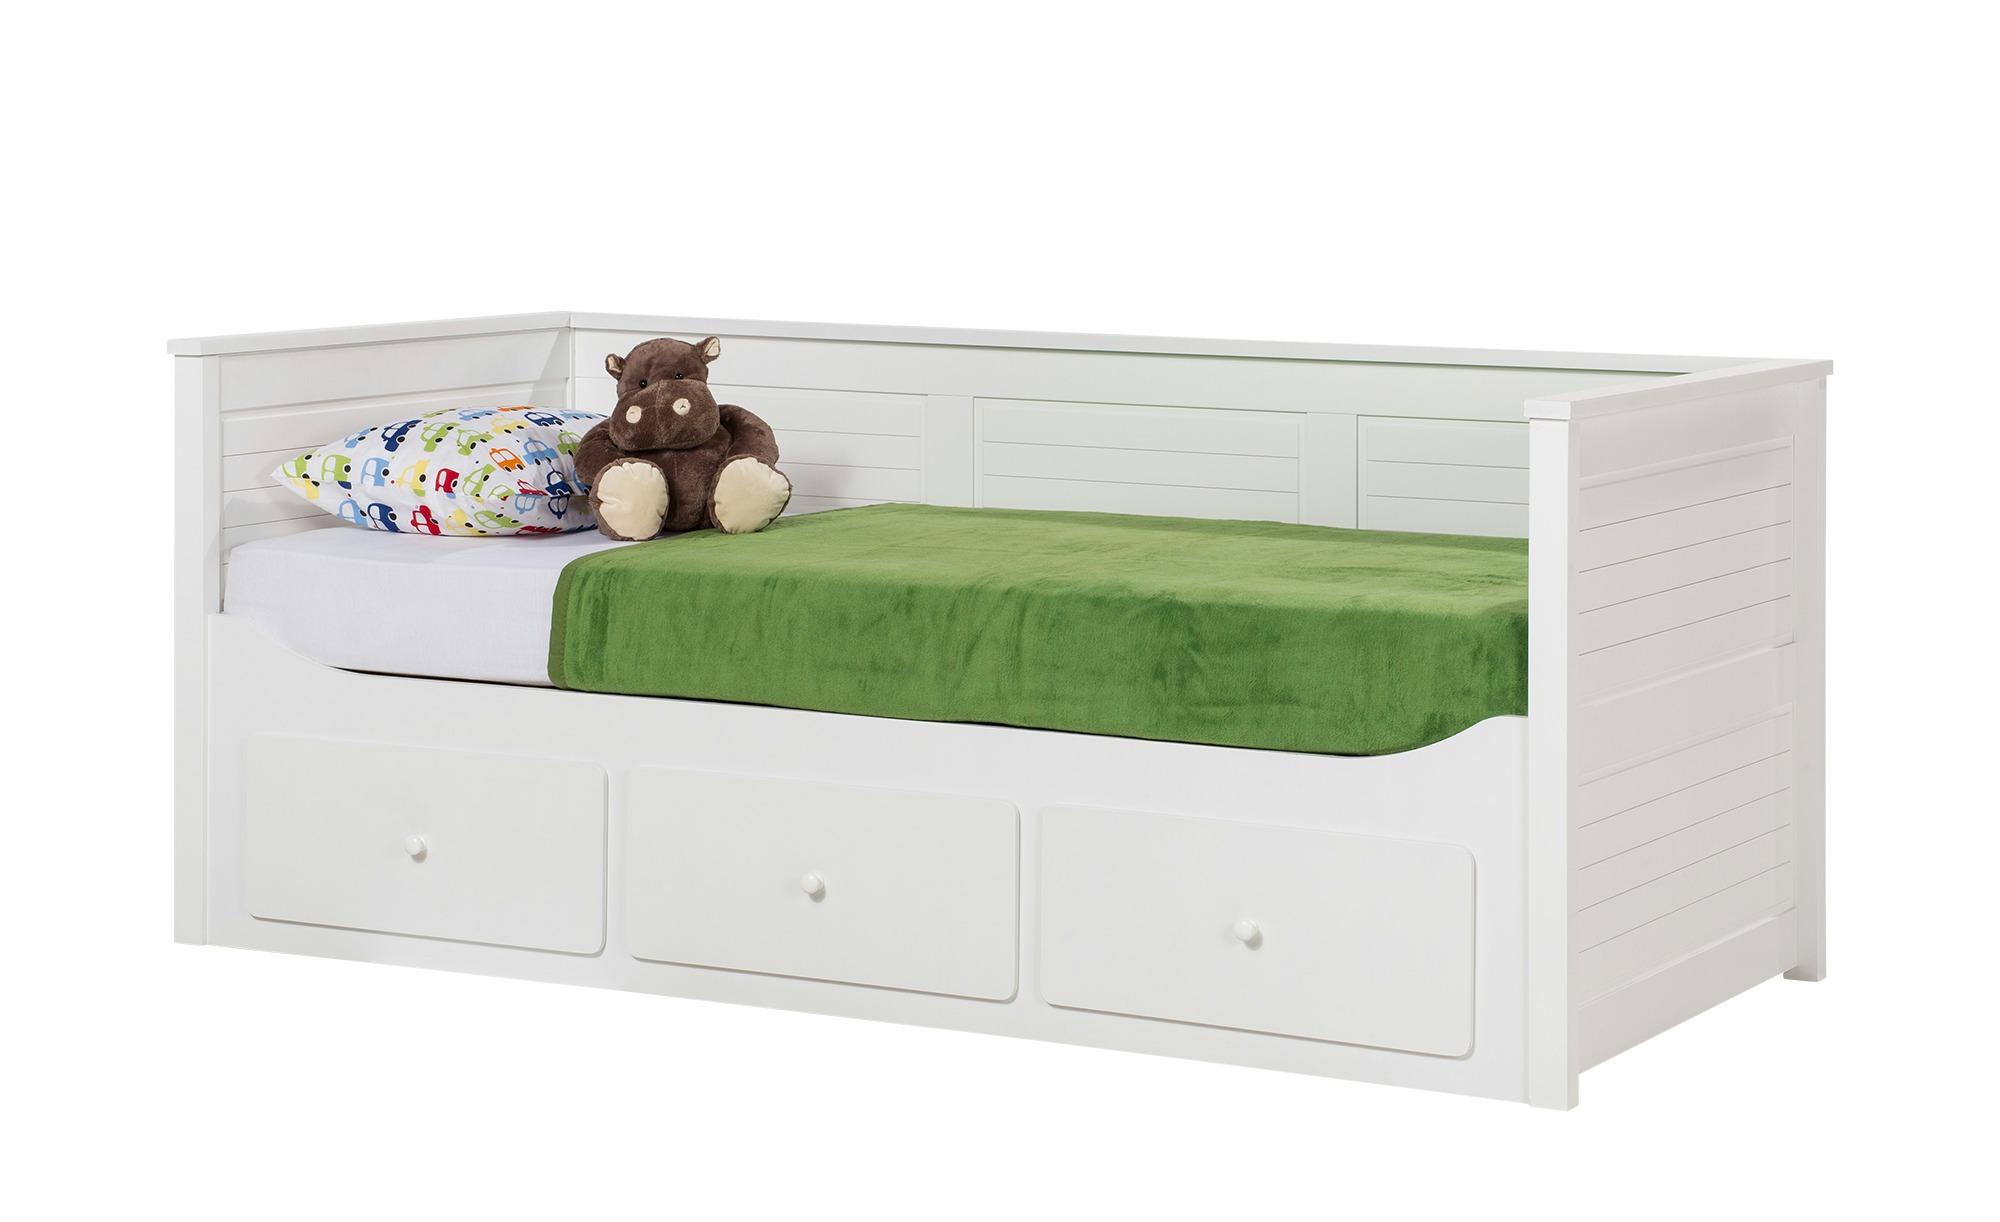 landhaus tagesbett 90x200 mit schubkasten wei merton tagesbett babyzimmer und landh user. Black Bedroom Furniture Sets. Home Design Ideas